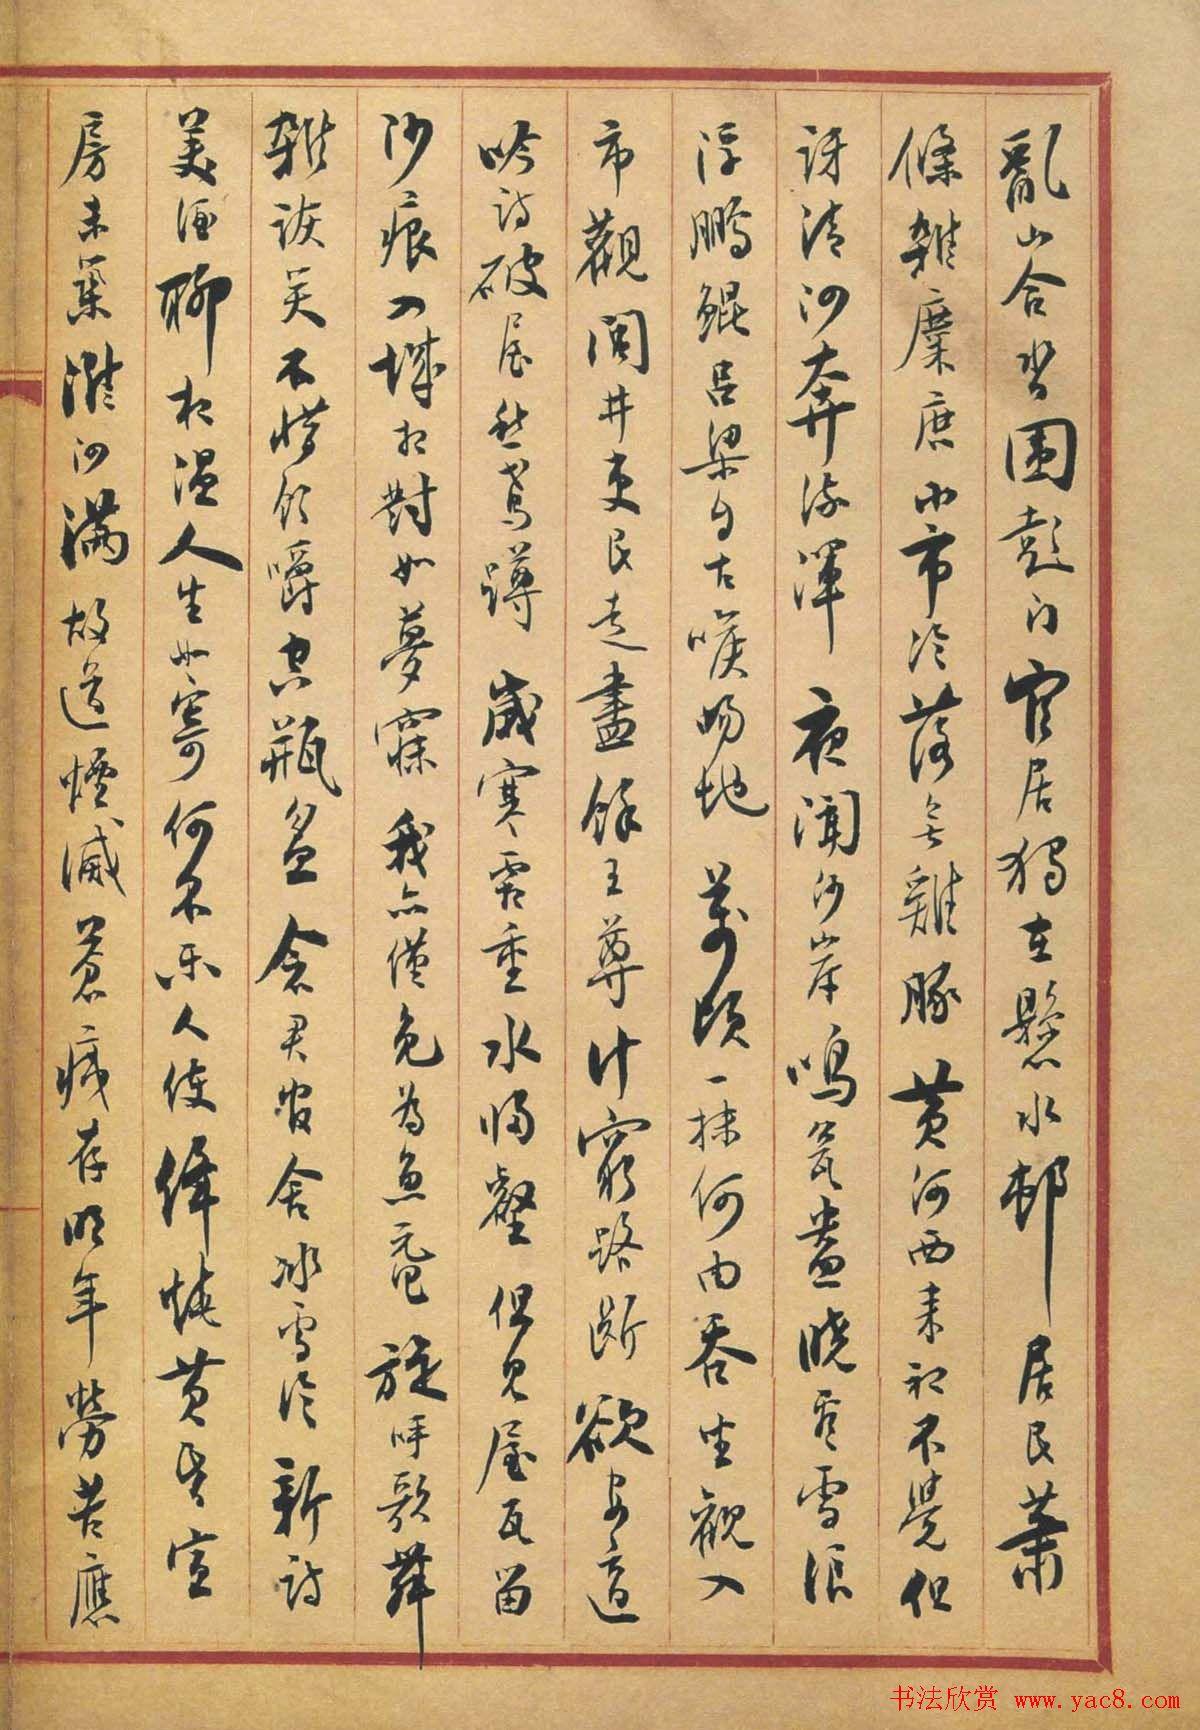 沈尹默行书作品欣赏《苏东坡诗册》